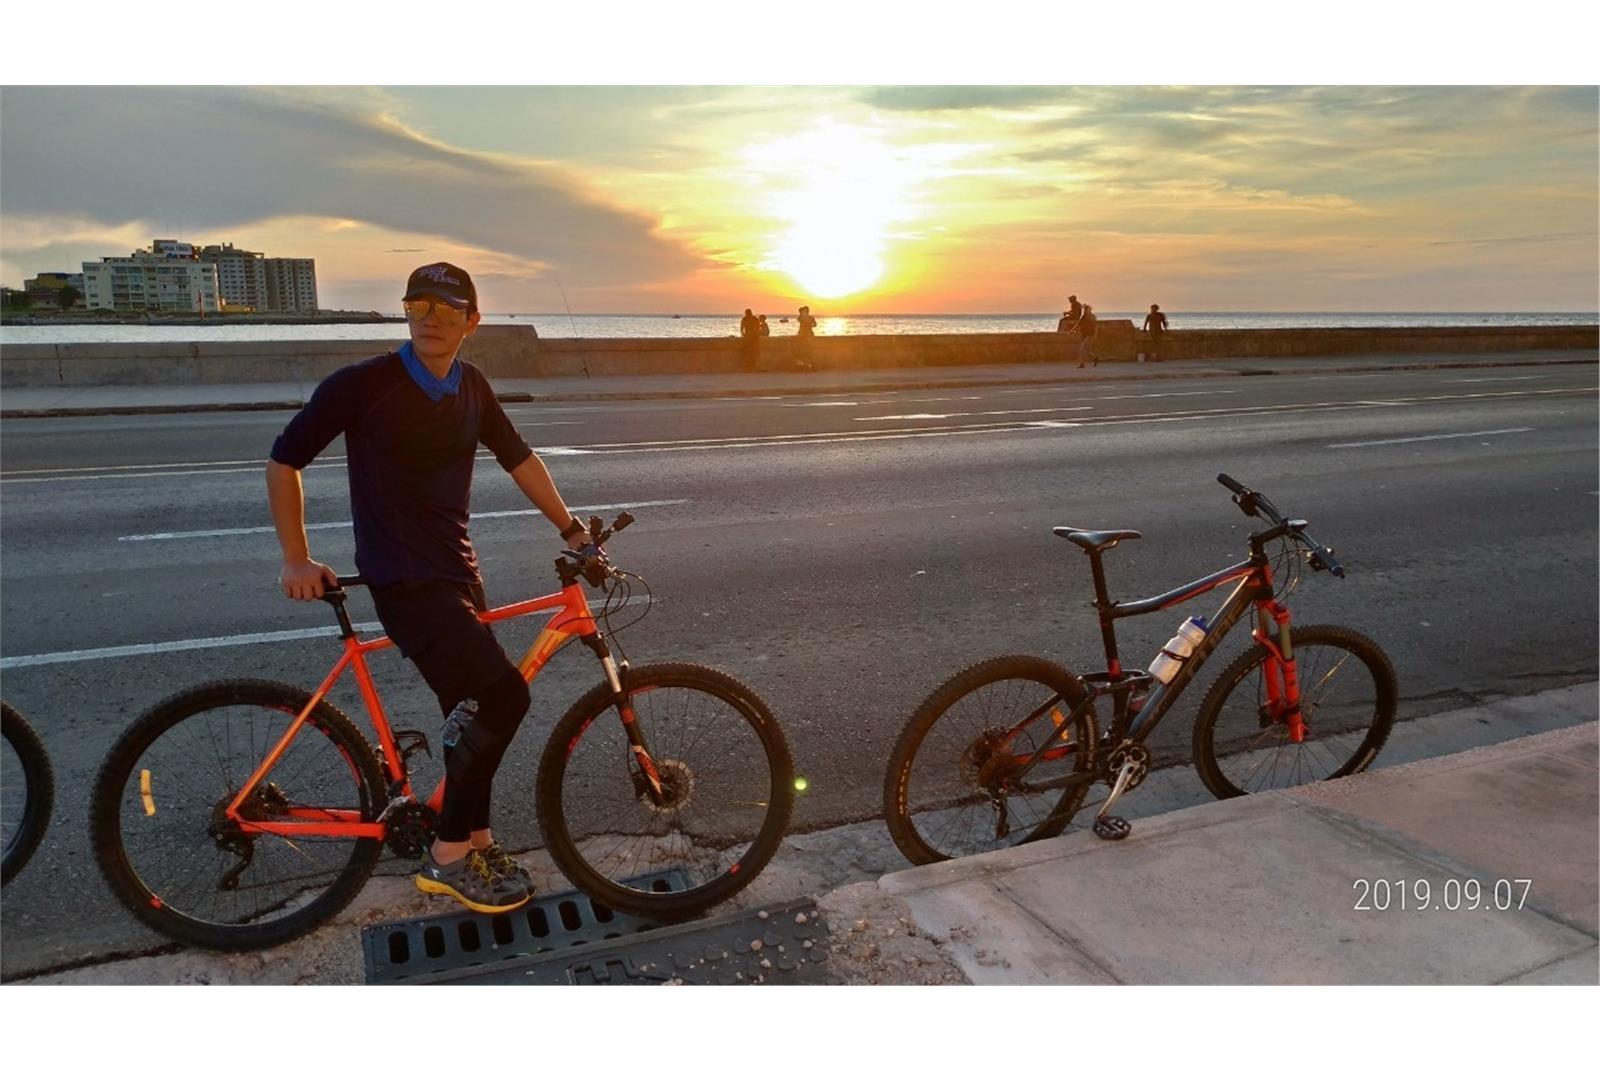 《世界第一等》主持人張勛傑遠赴古巴,享受騎腳踏車遊城市美景。(八大提供)